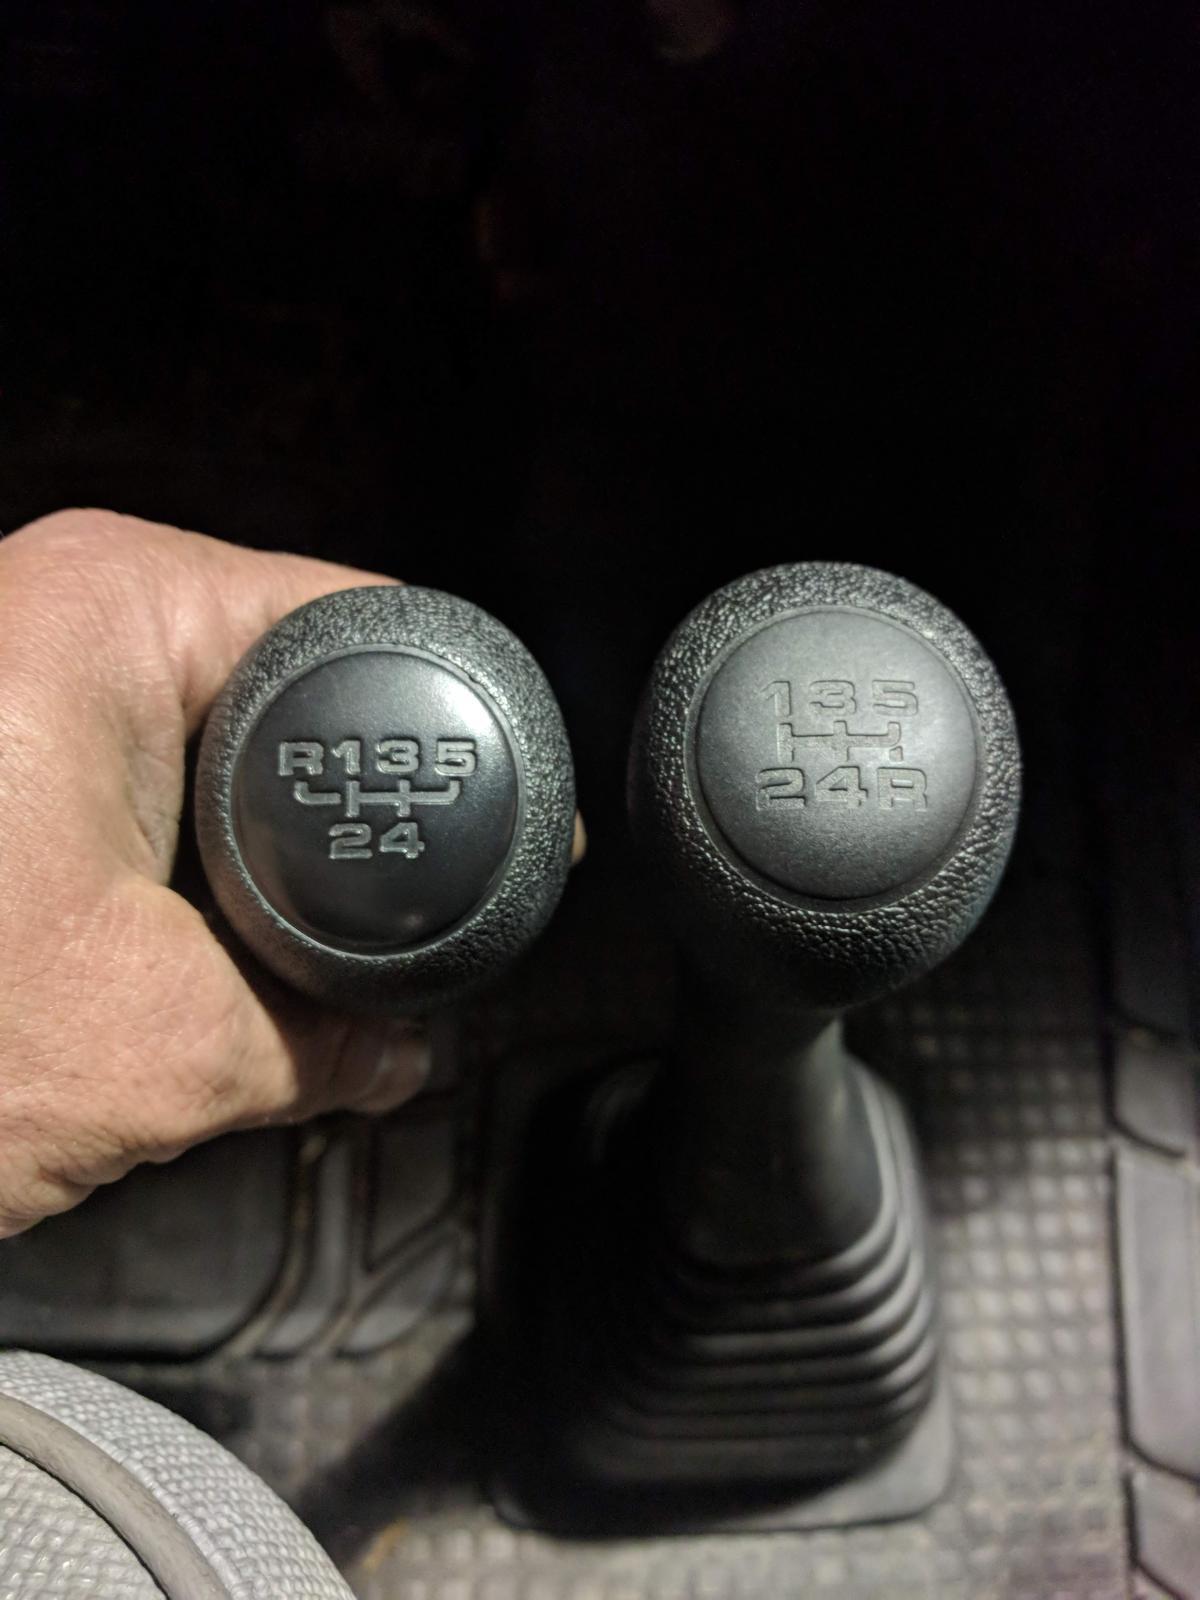 VW T4 Doka 02G Shifter